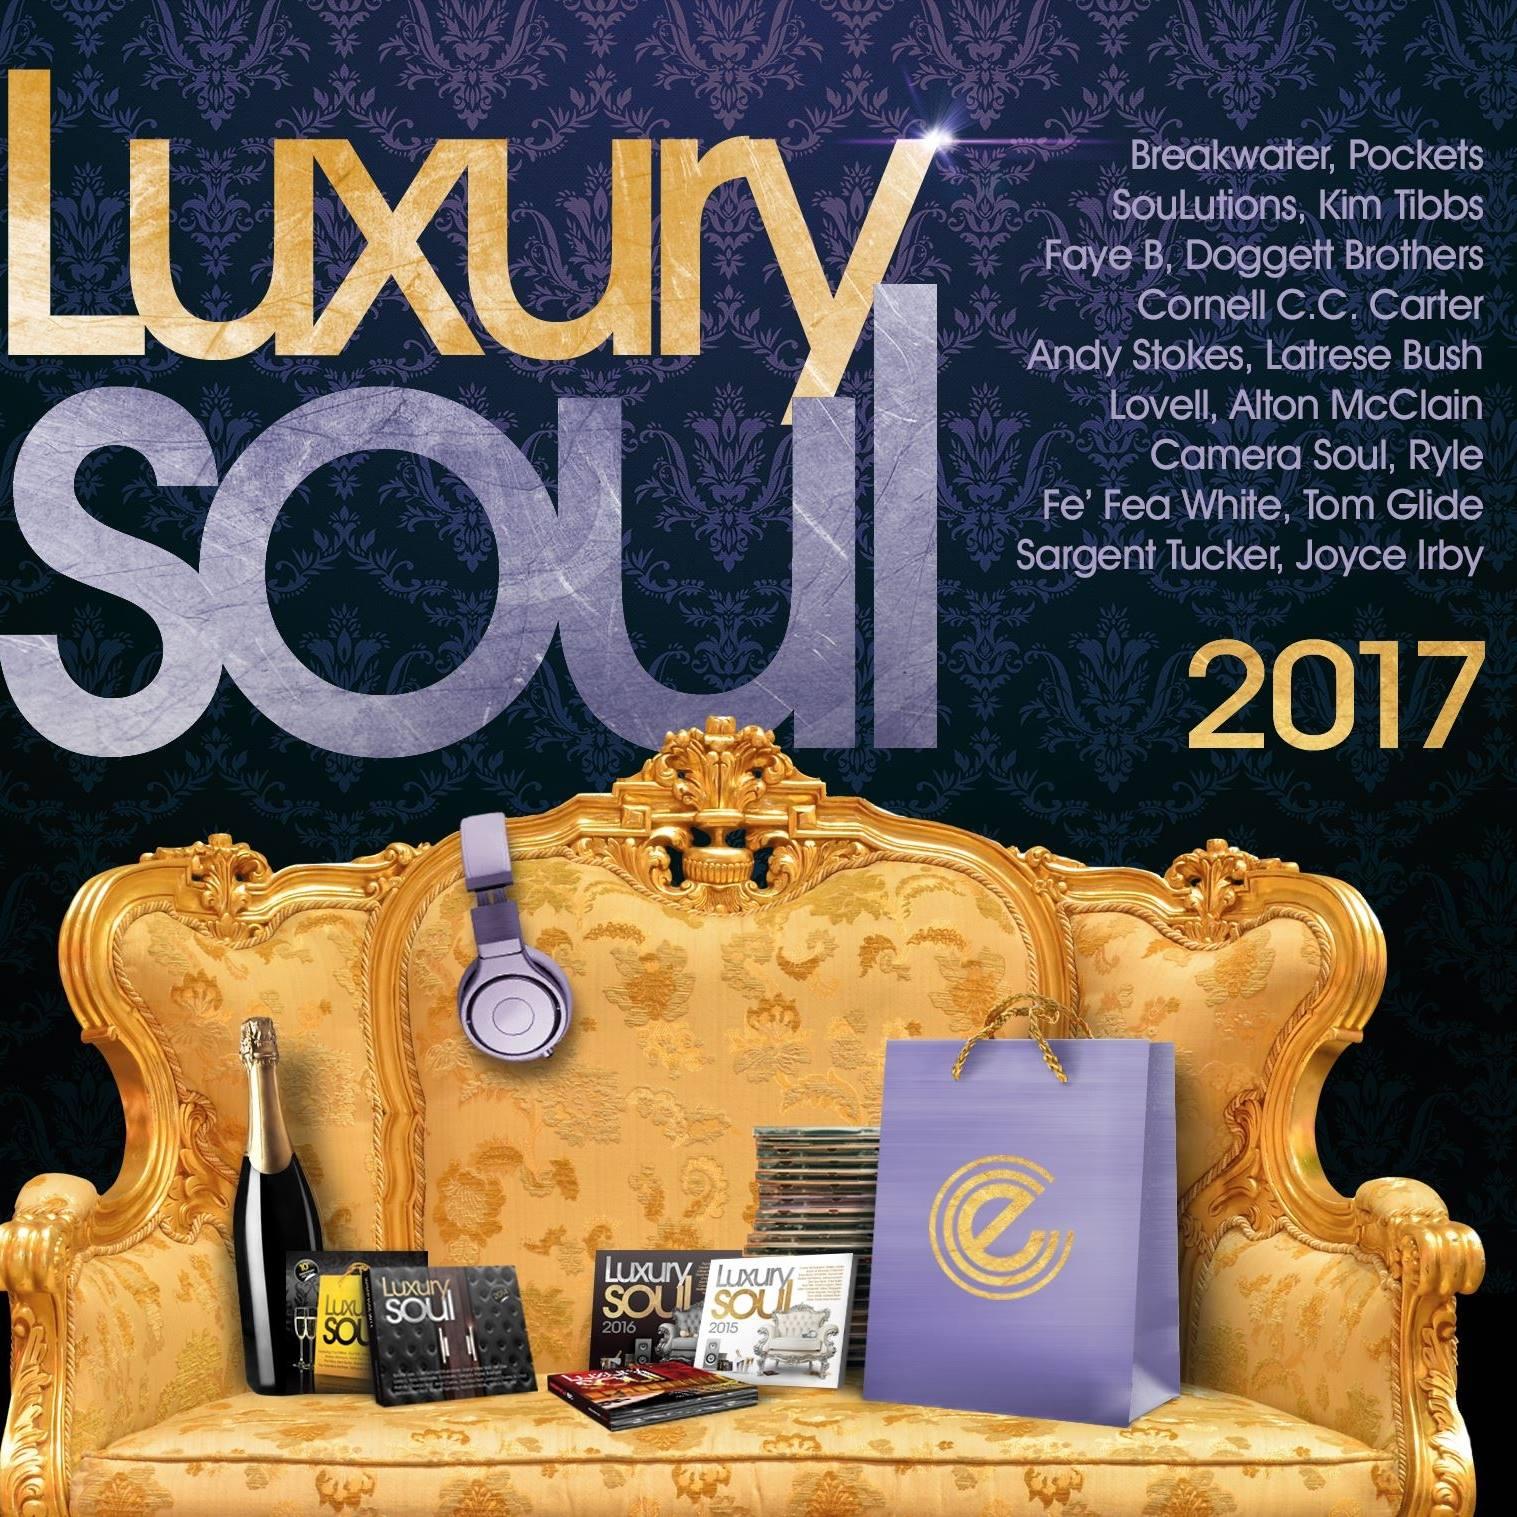 Luxury Soul Weekender 2017 Compilation